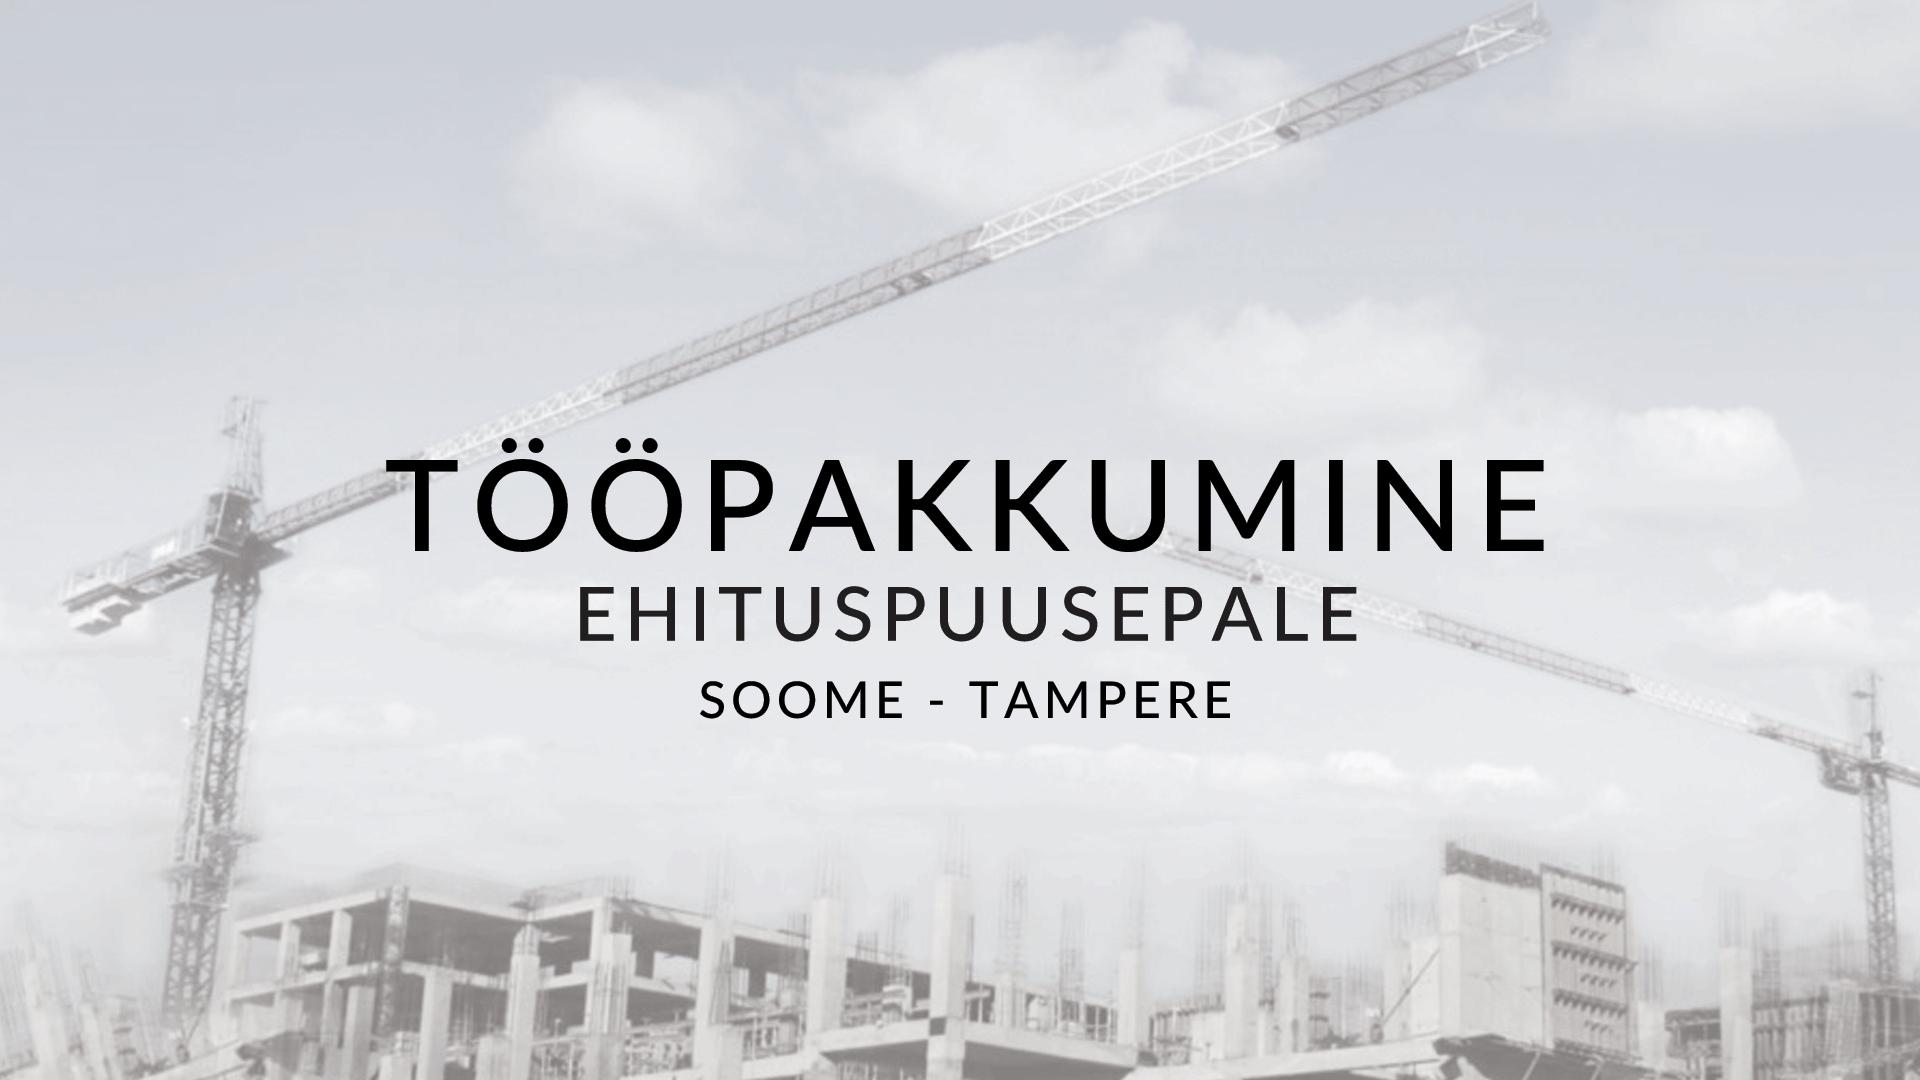 Tööpakkumine ehituspuusepale – Tamperes